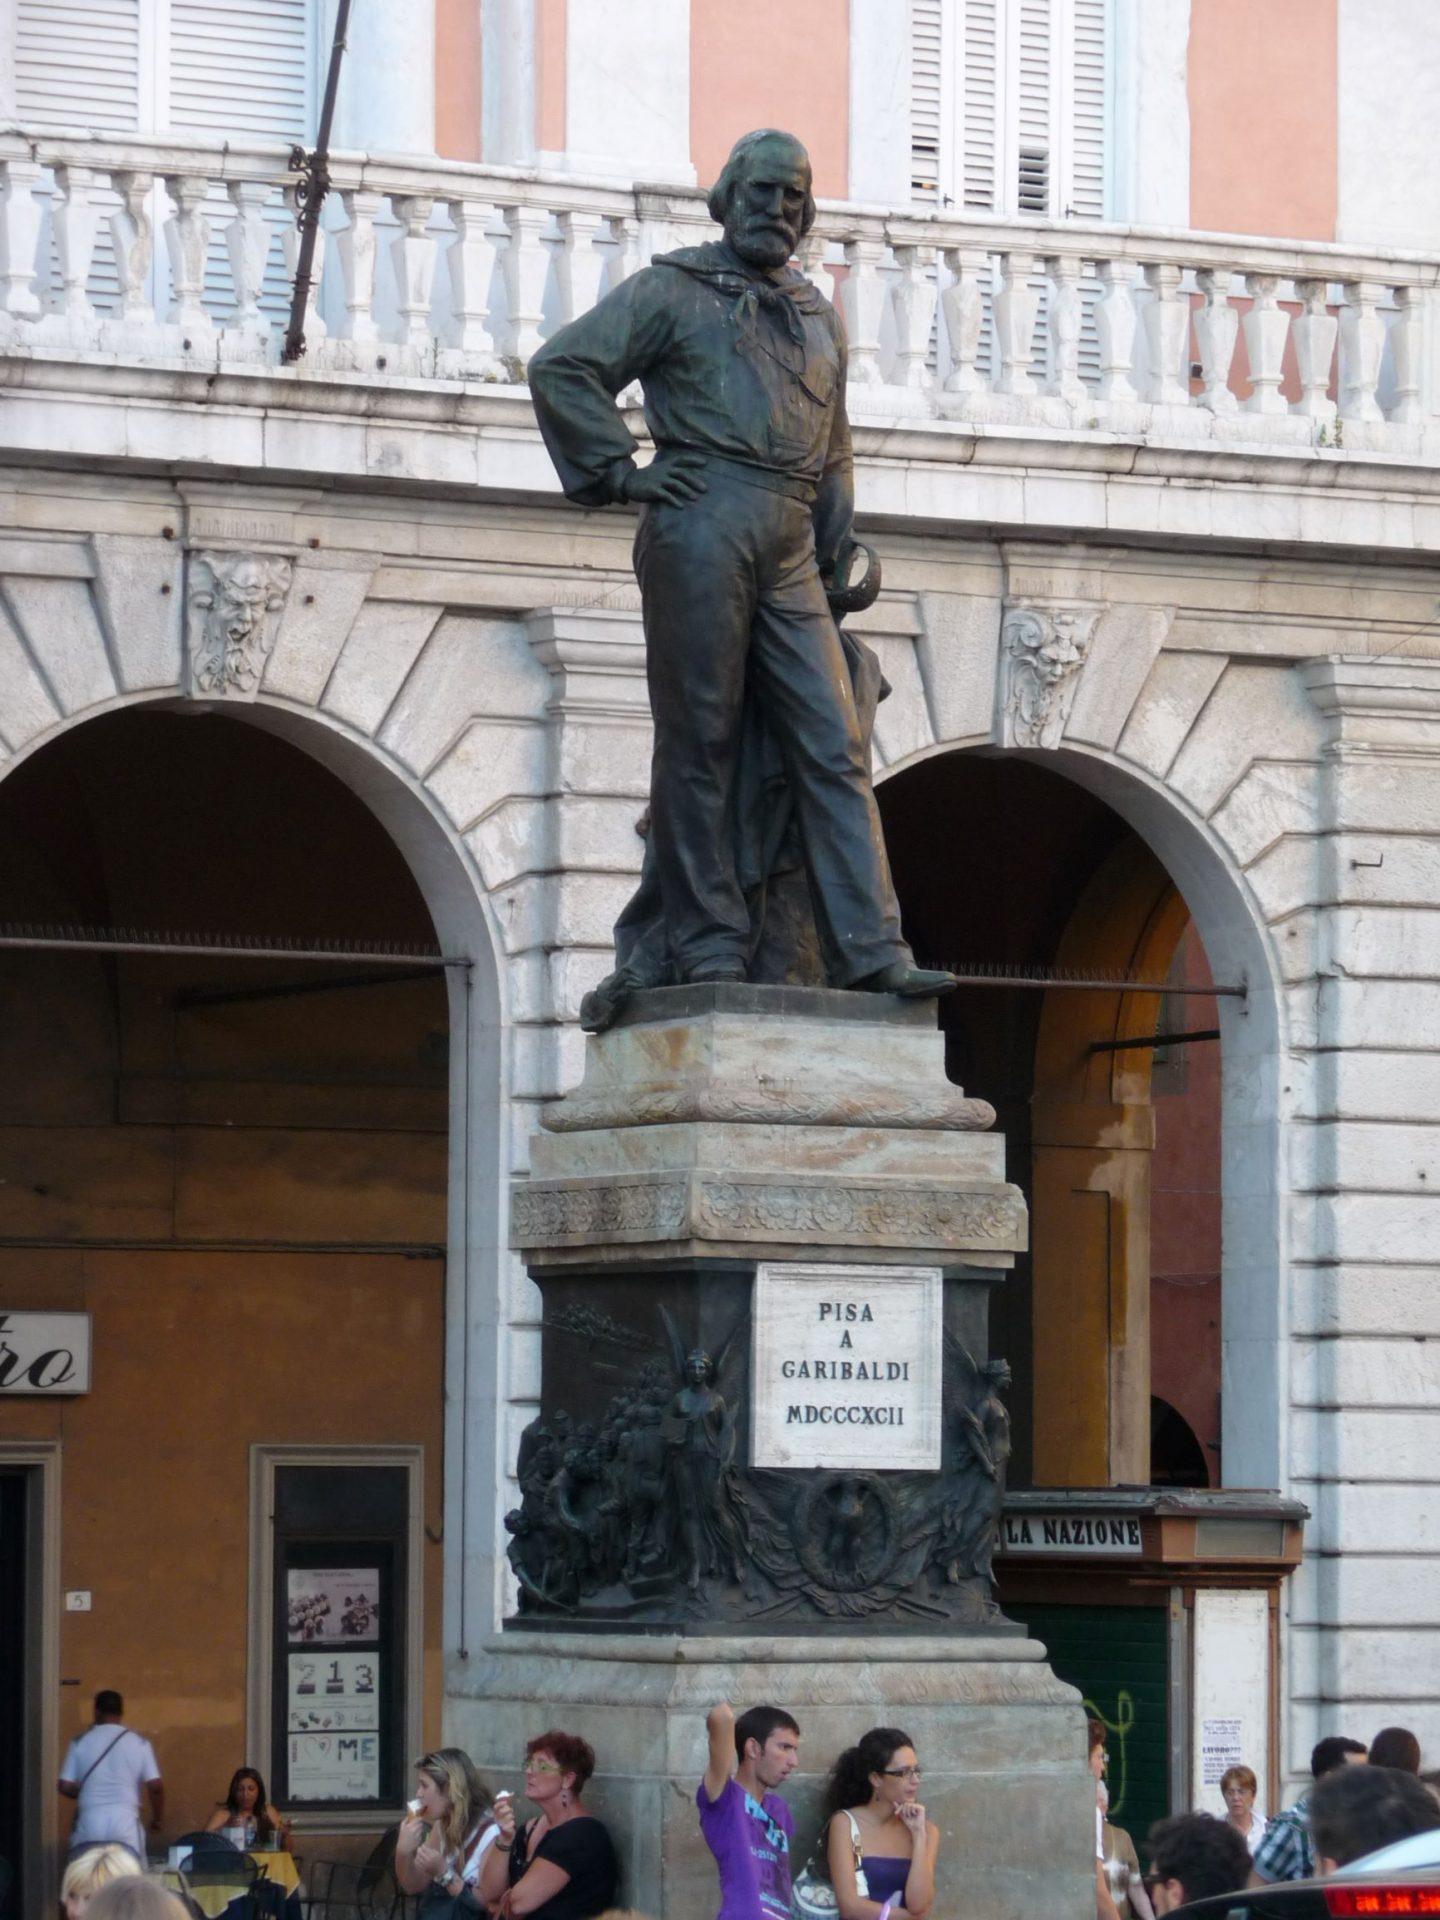 Памятник Джузеппе Гарибальди, Пиза, Италия. Июль, 2012